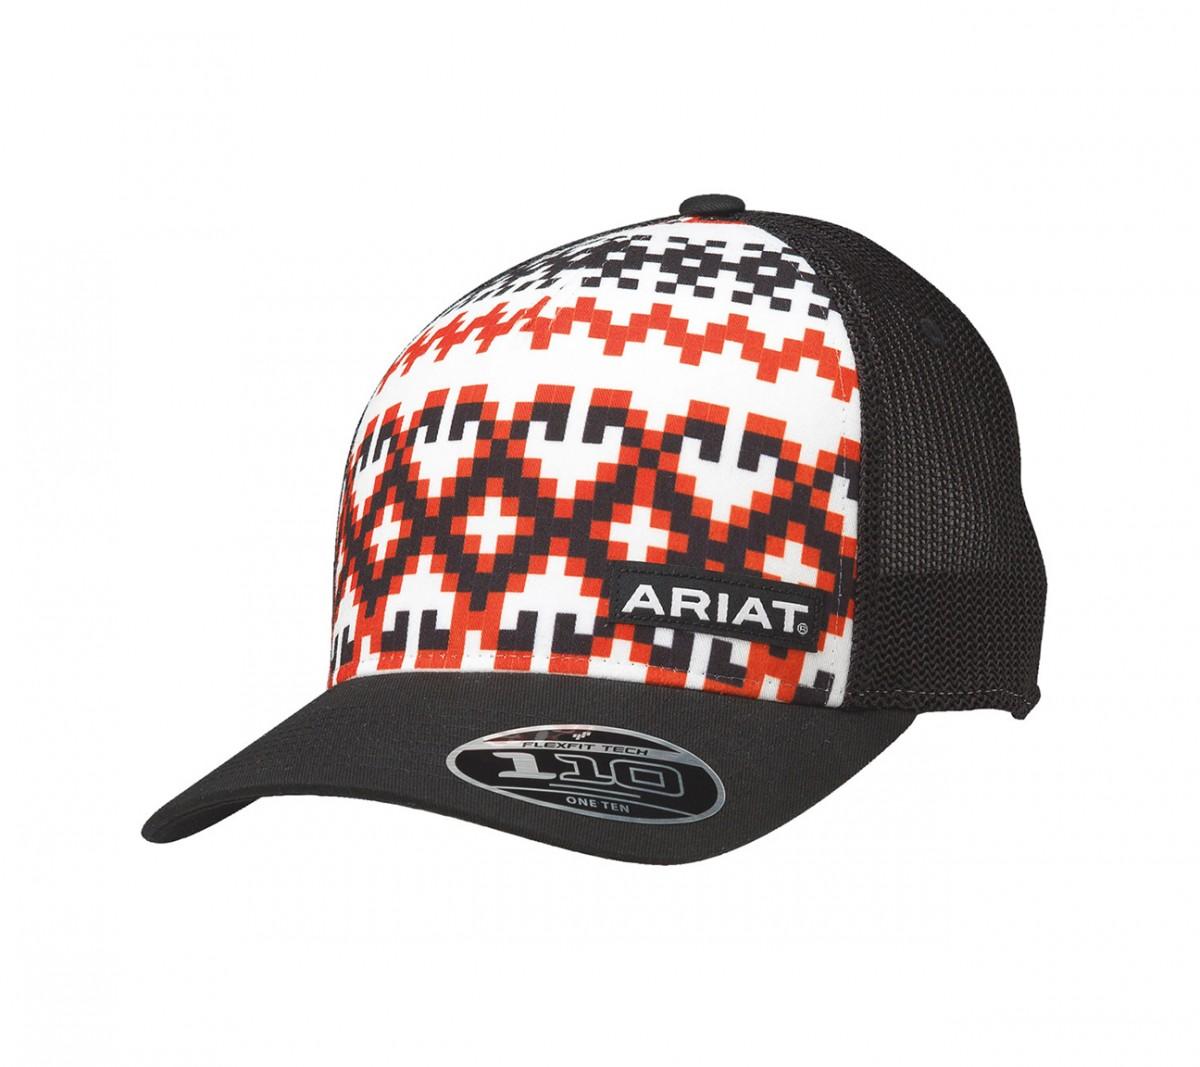 new styles da2b7 efa31 ... discount code for ariat mens pattern logo cap black el potrerito f9fd5  5afb3